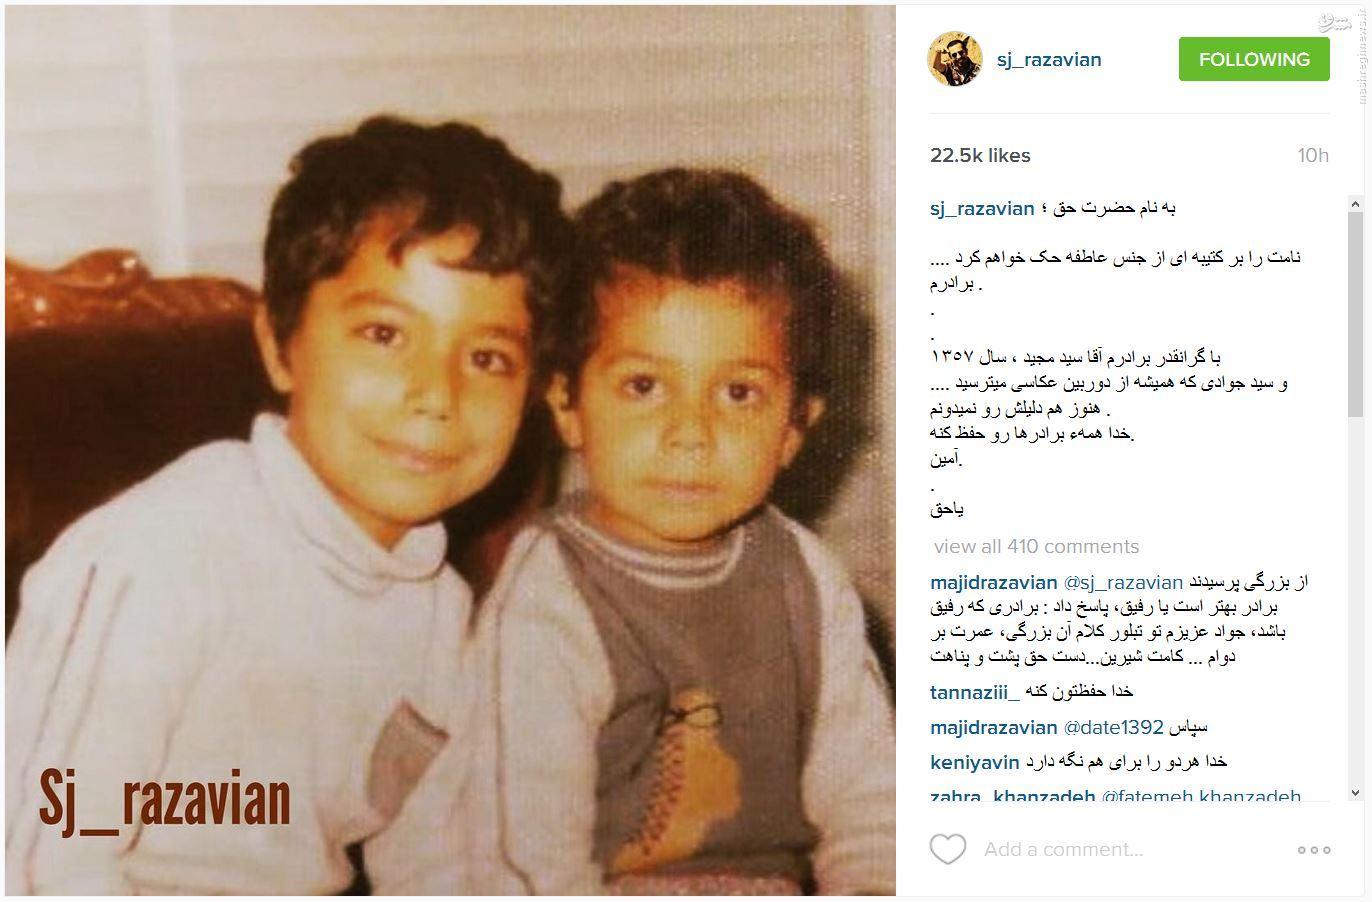 عکس/ جواد رضویان و برادرش در سه سالگی